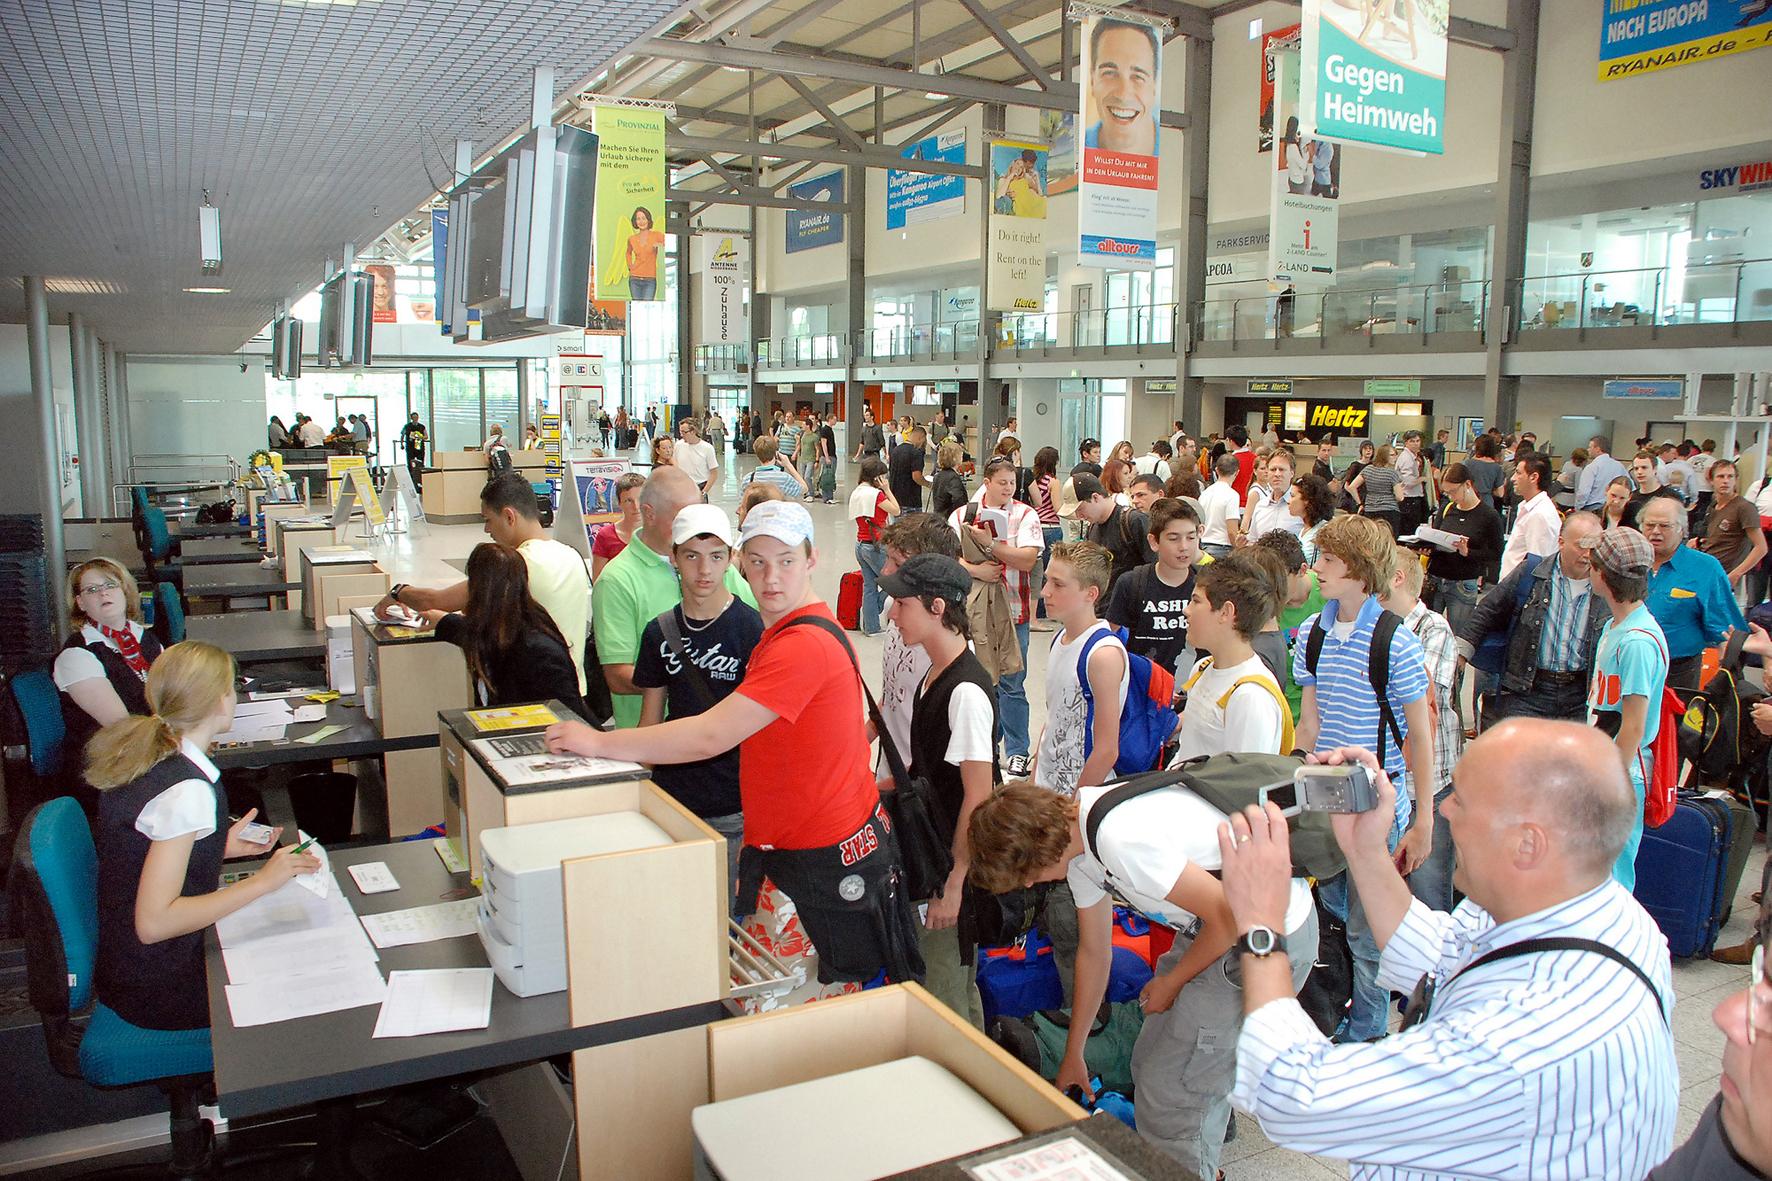 mid Düsseldorf - Bei Flugreisen zum Sparpreis kommt das böse Erwachen beim Check-in: Aufgabegepäck kostet bei Billig-Fliegern nämlich häufig extra.